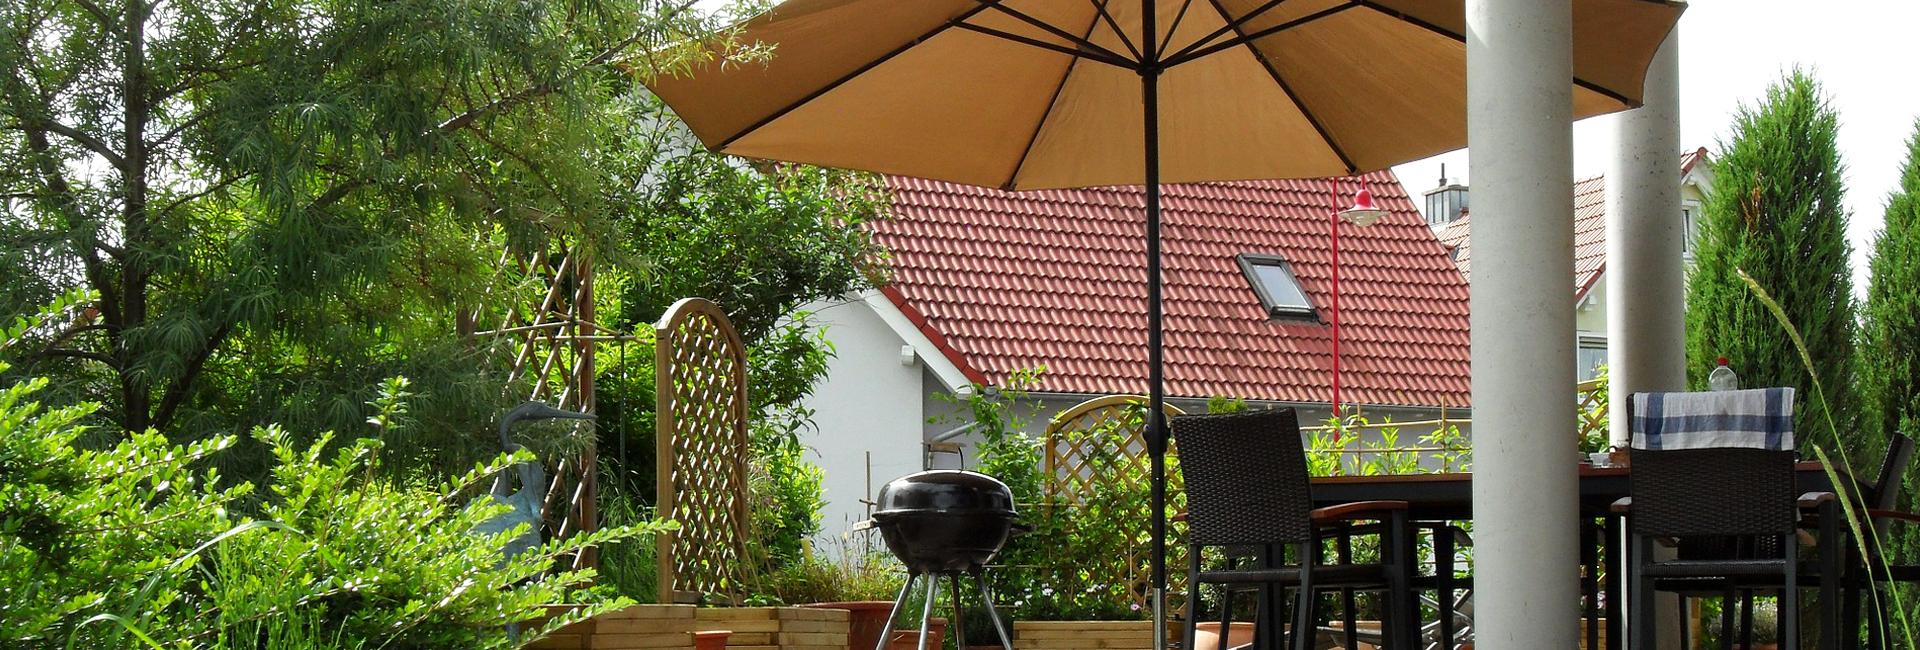 Sonnenschutz Fur Terrasse Und Balkon Bauspezi Baumarkt